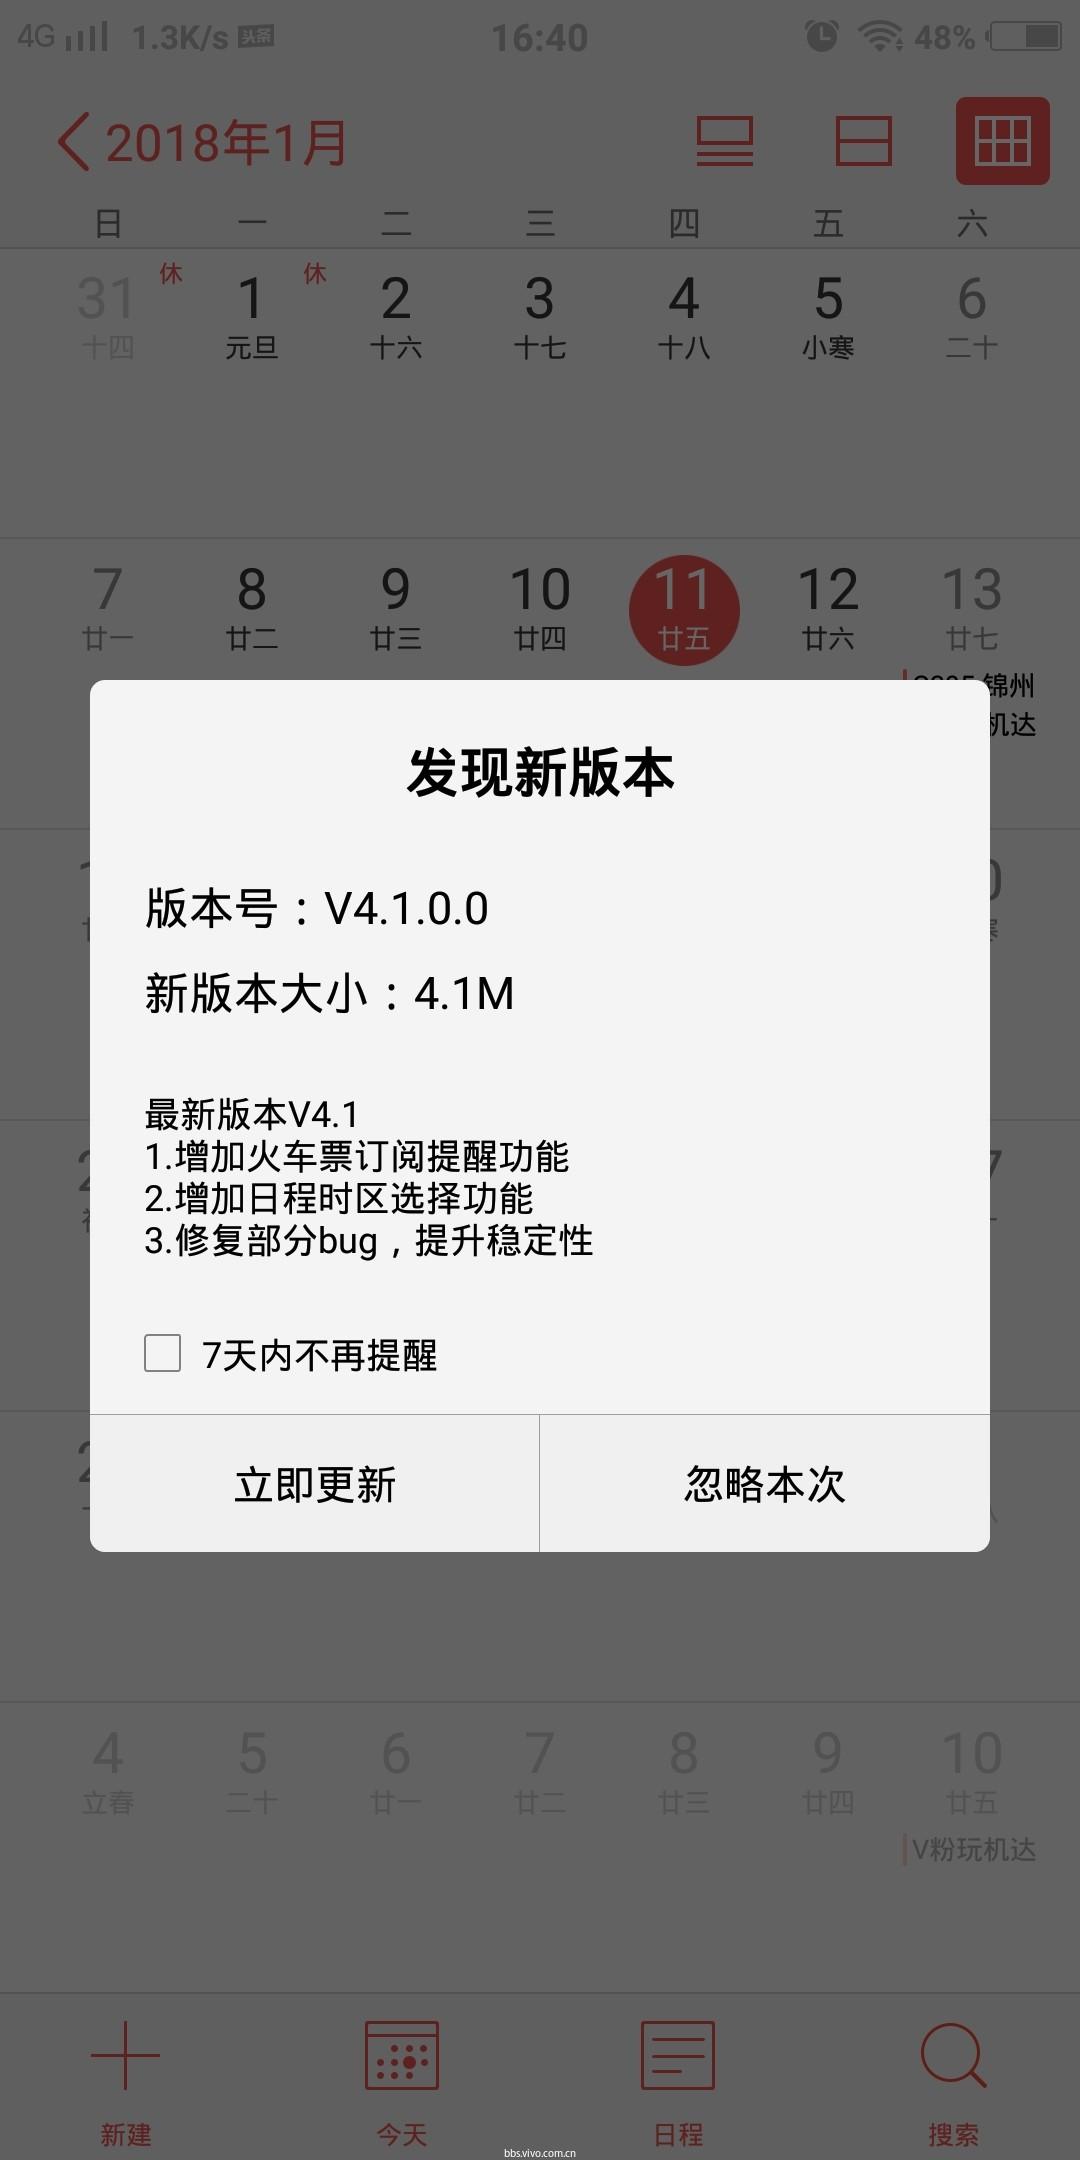 Screenshot_20180111_164015.jpg